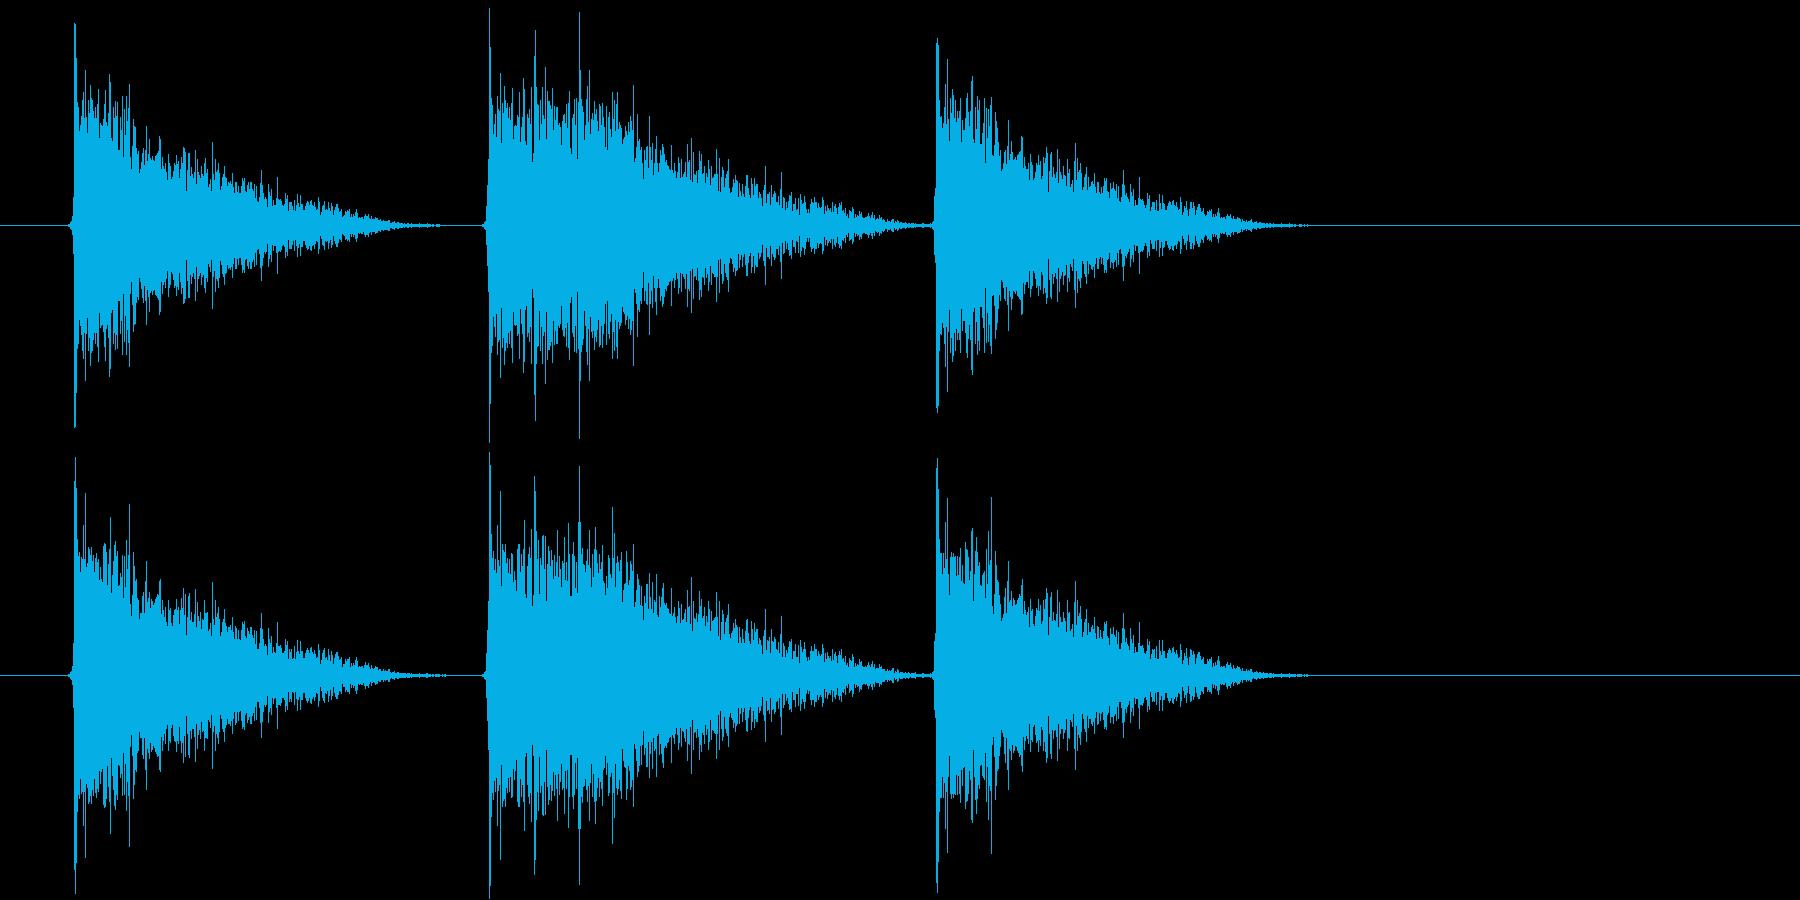 バン、ババン!(強く勢いのある攻撃音)の再生済みの波形